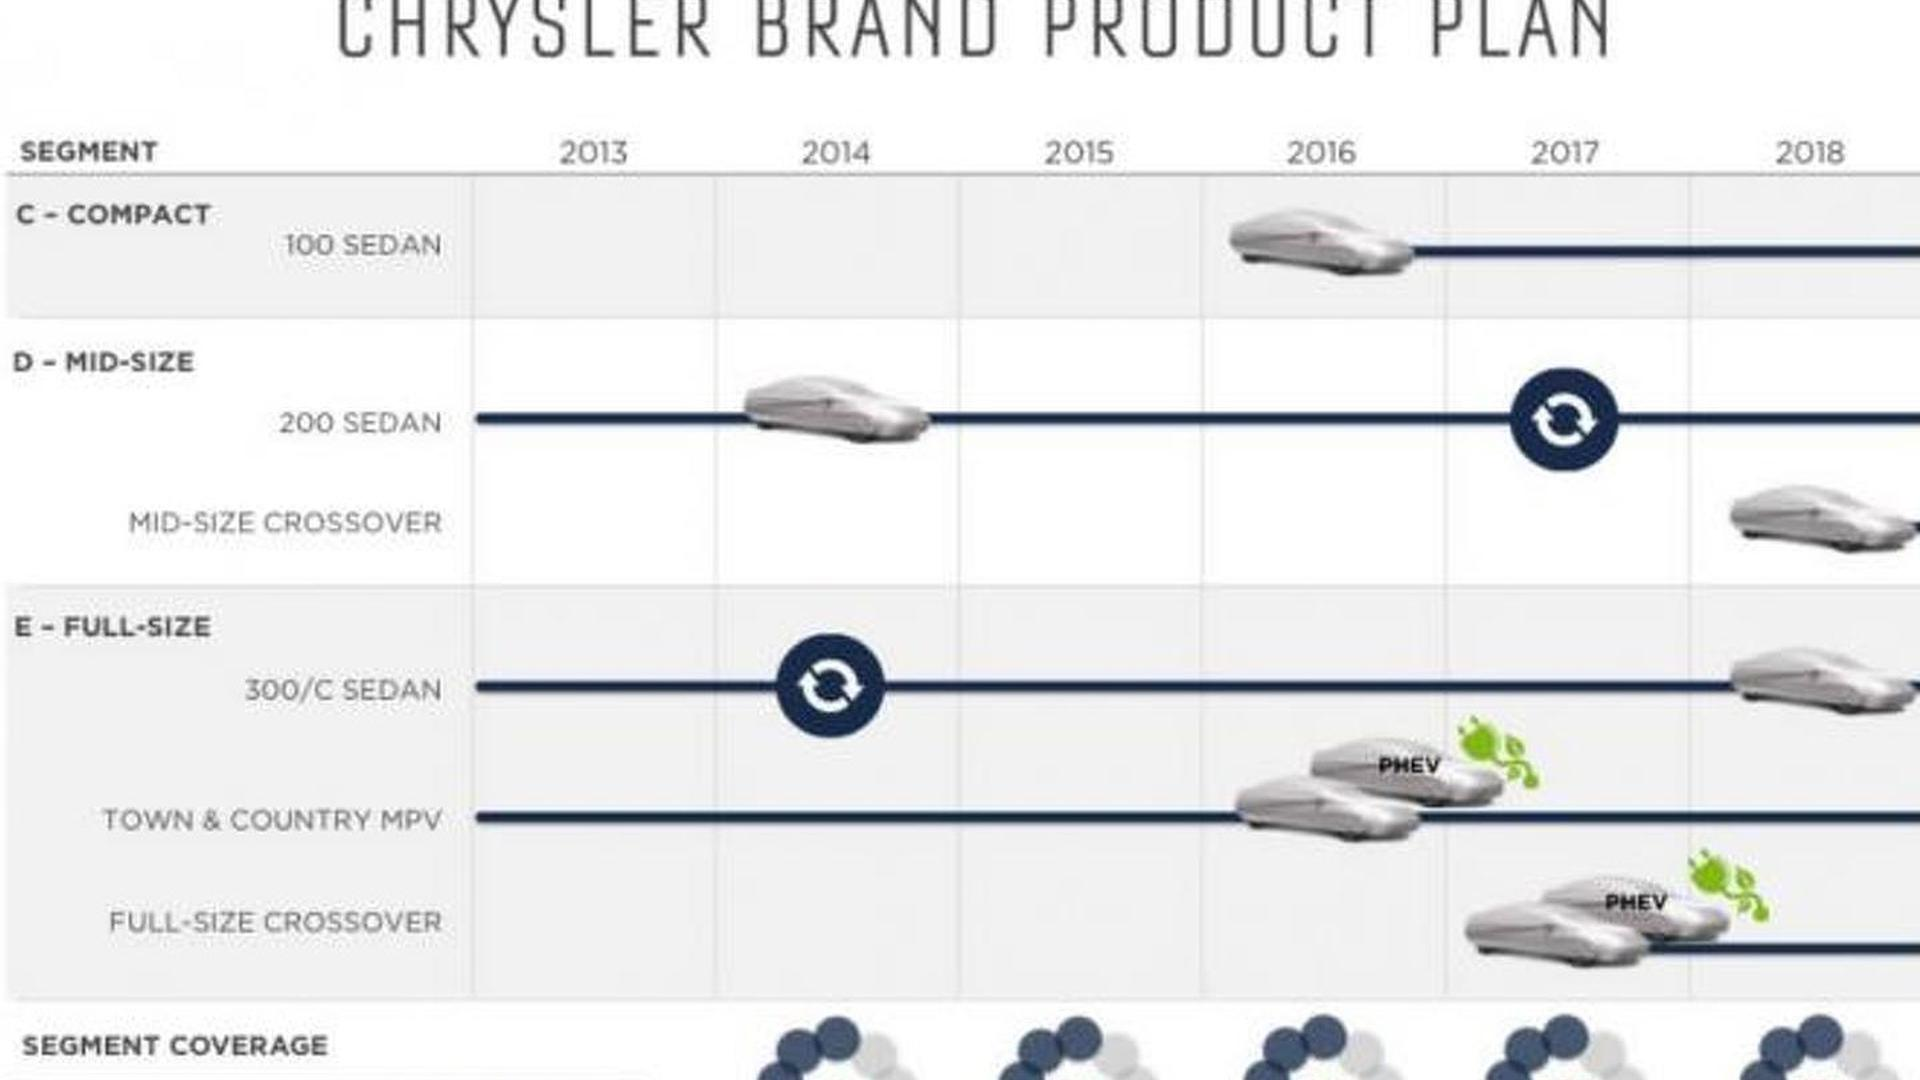 Chrysler 5 year plan